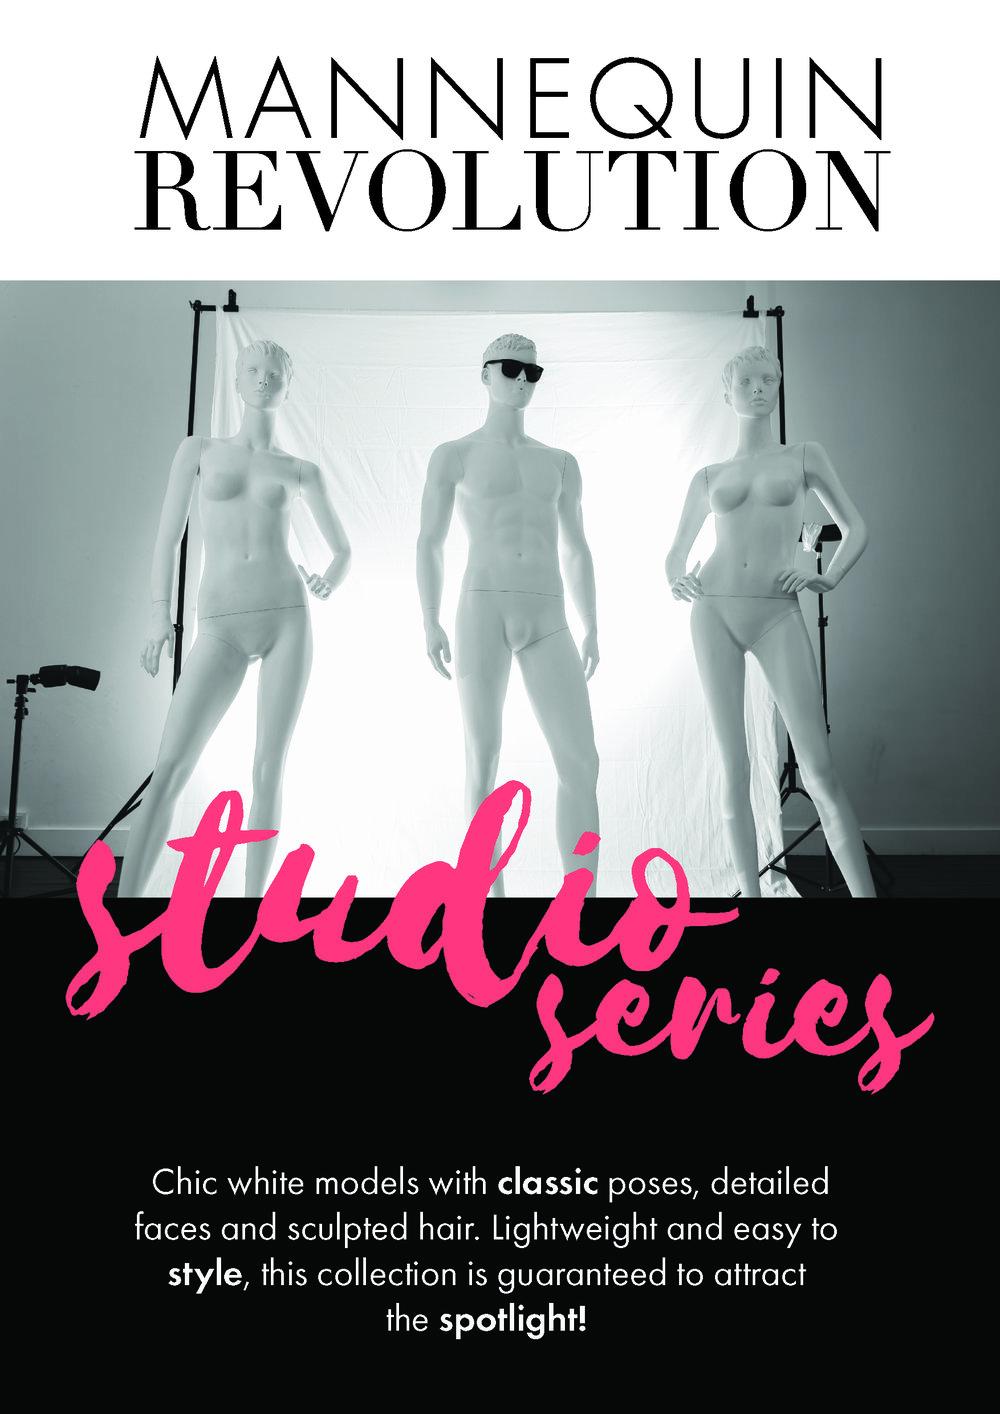 Mannequin Revolution Studio Series